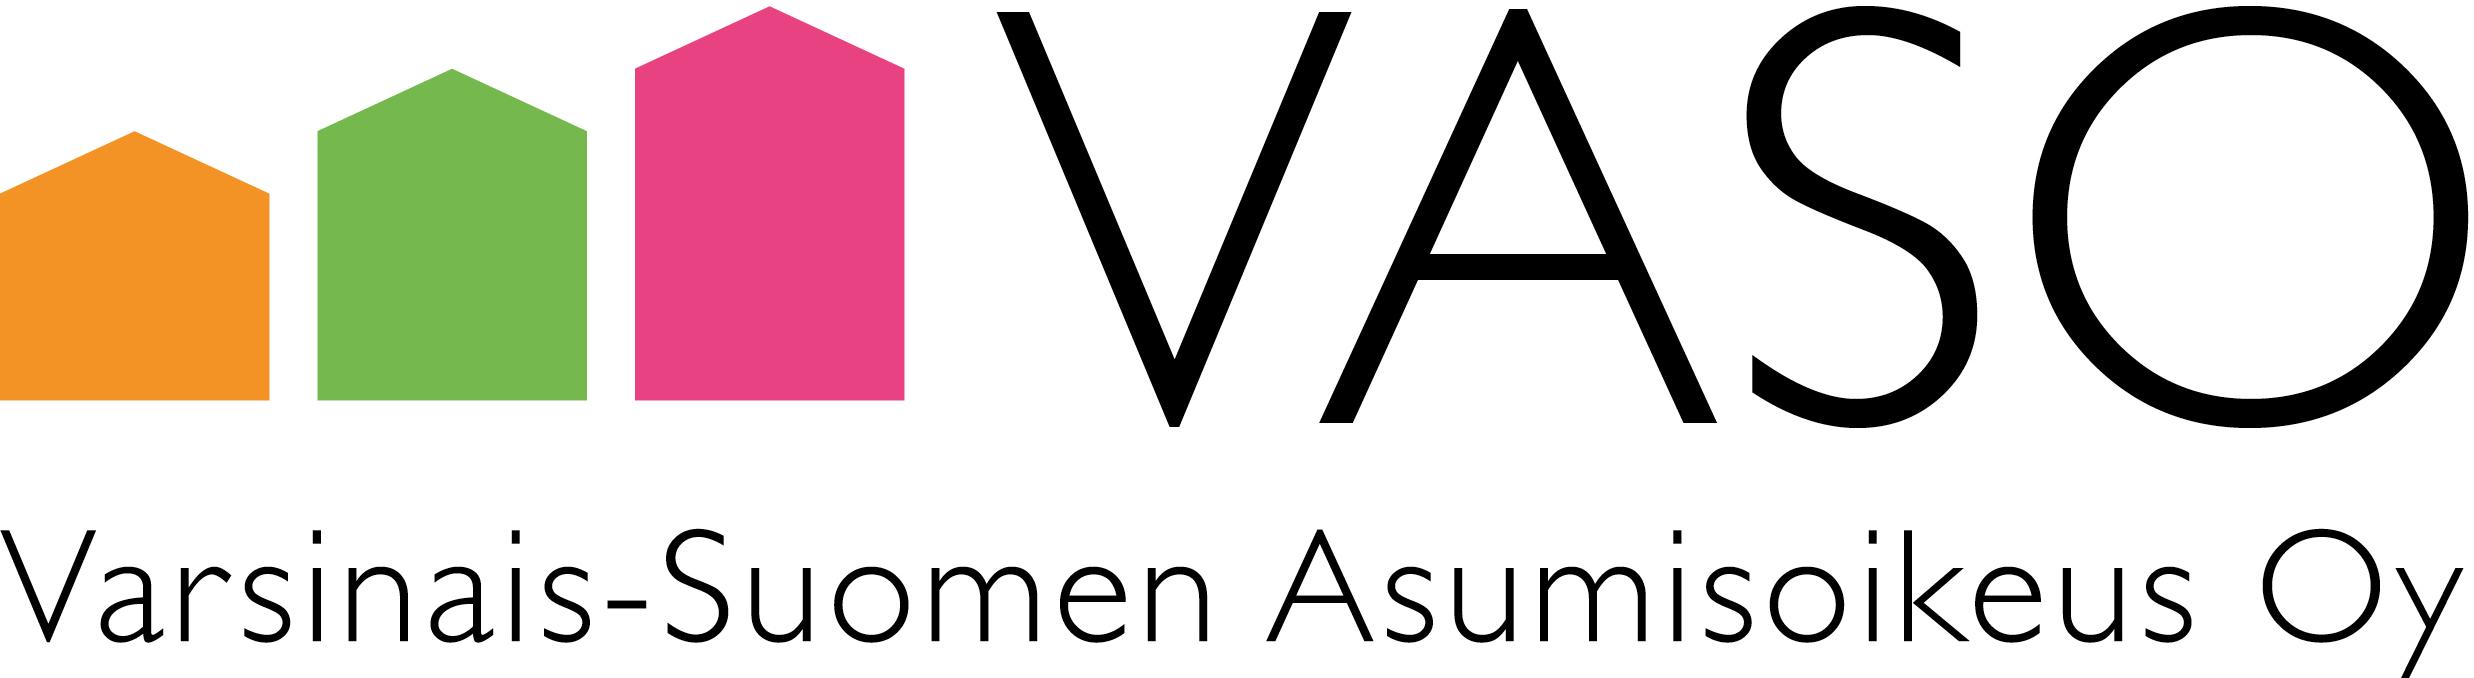 logo: VASO, Varsinais-Suomen Asumisoikeus Oy